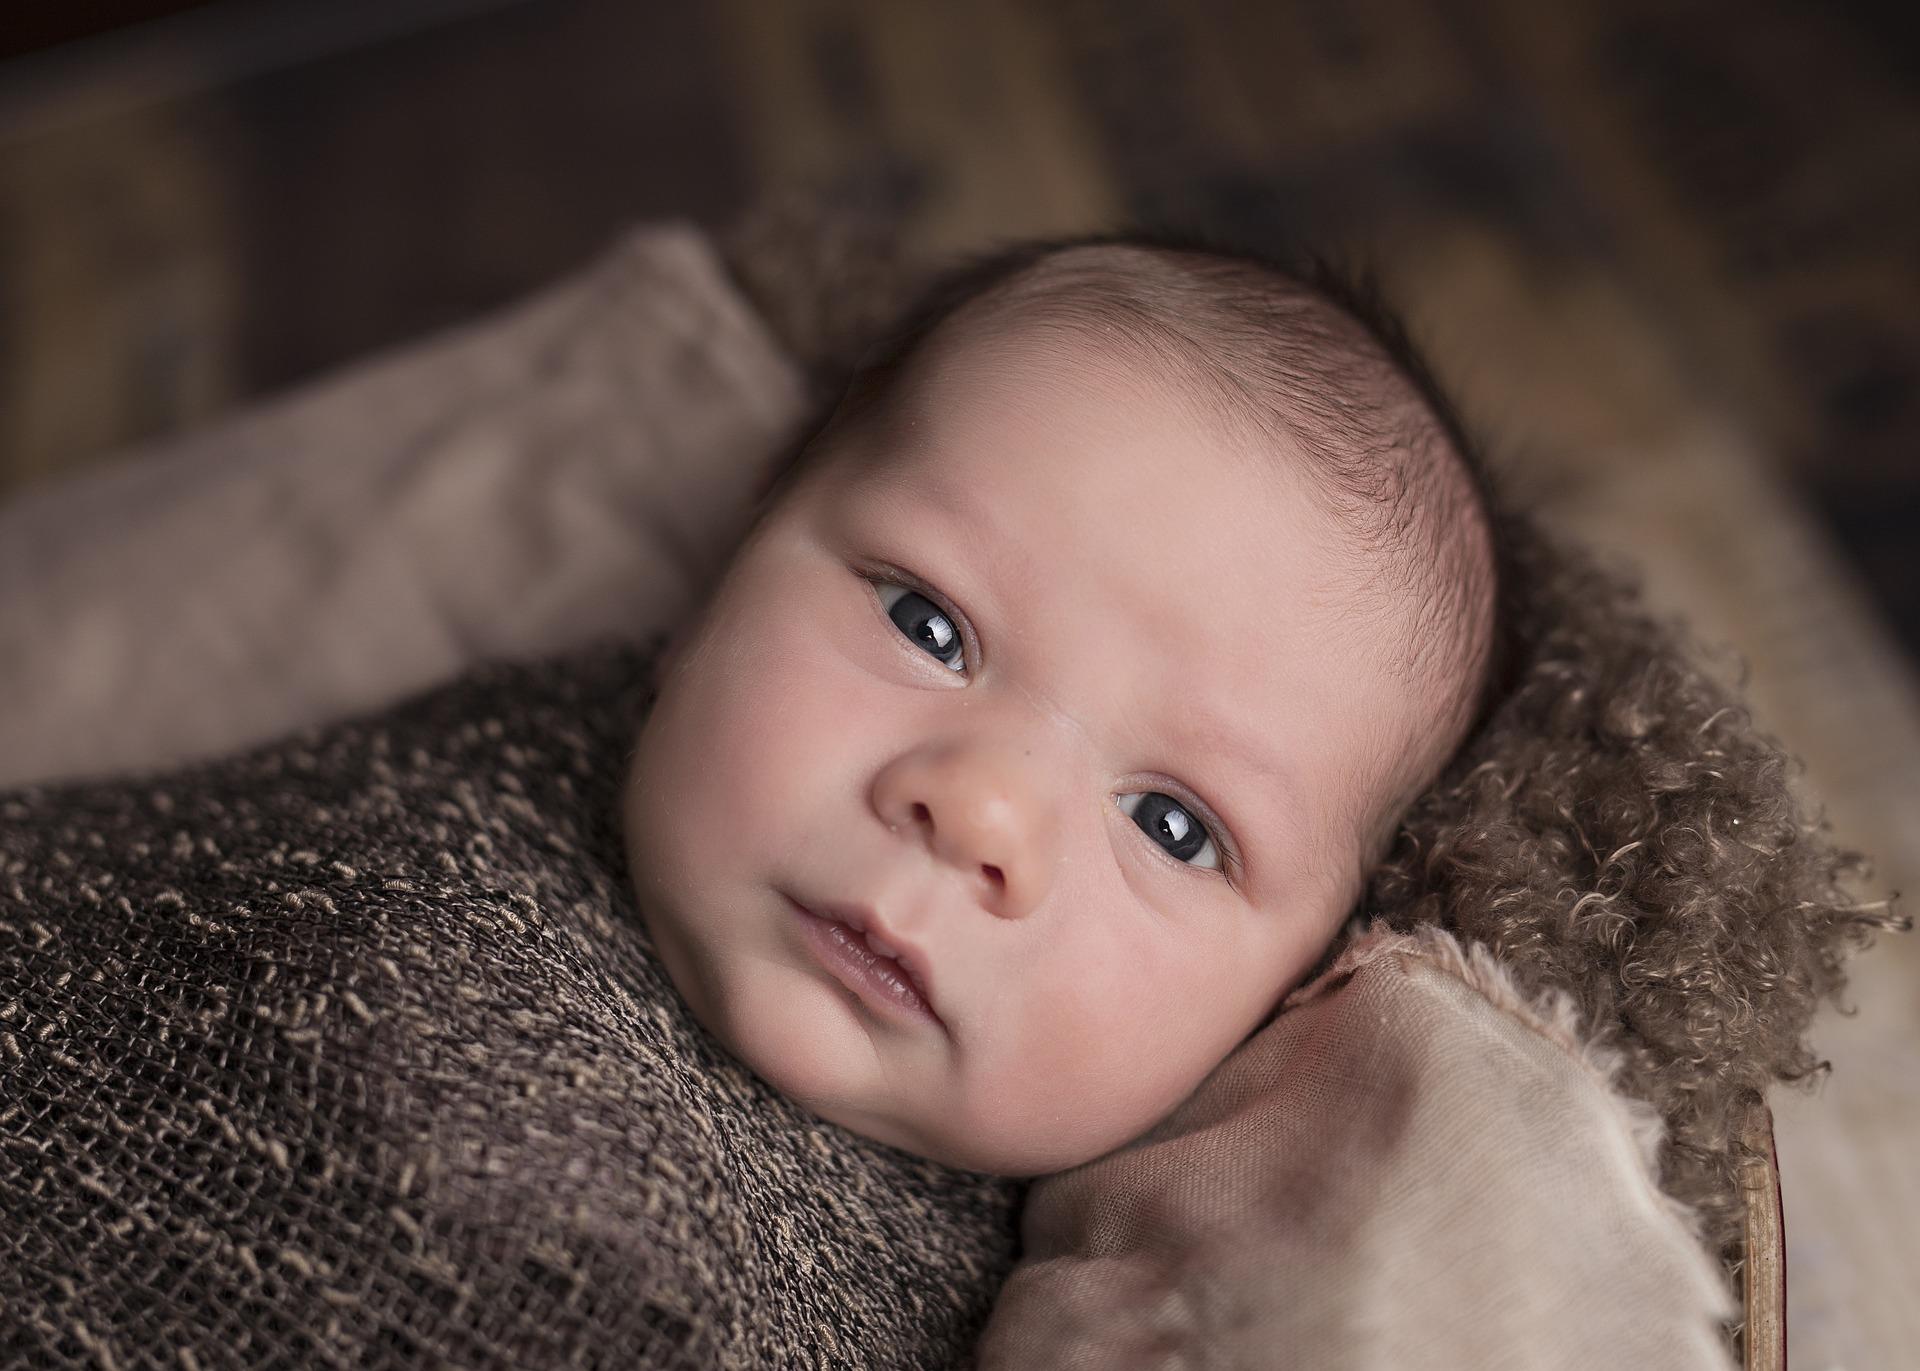 baby-983990_1920